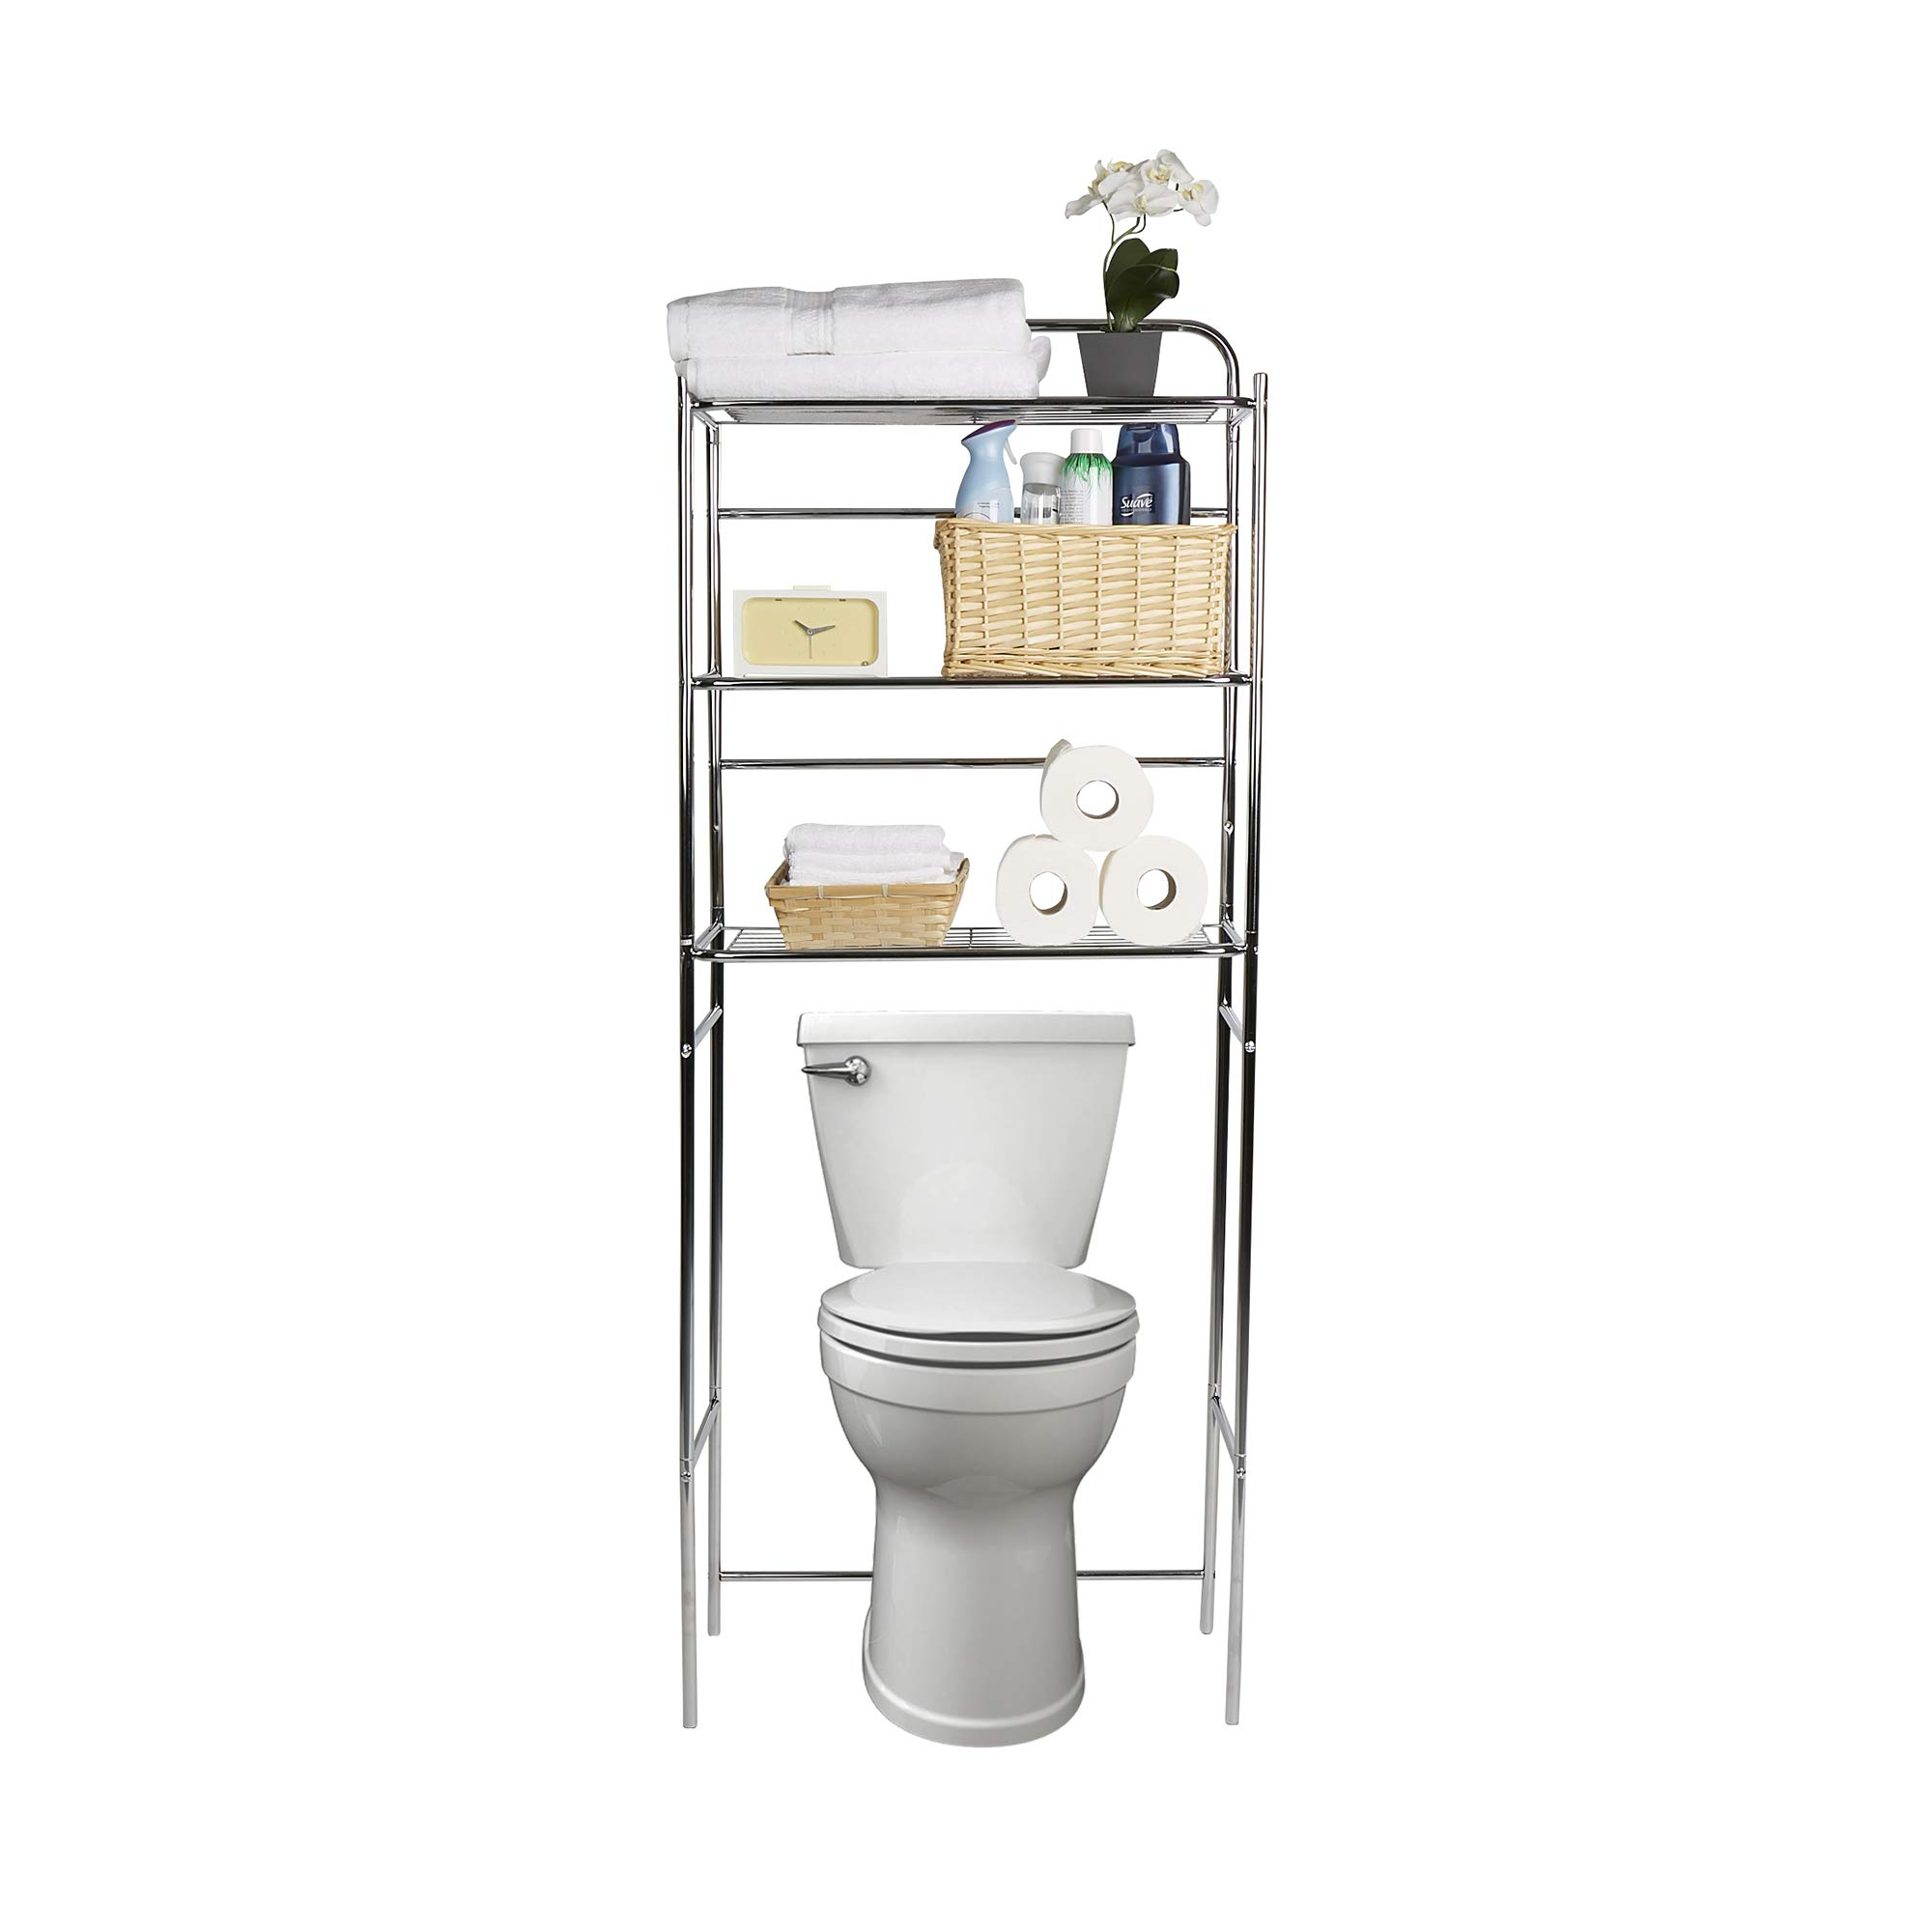 Mind Reader 3TOILR-SIL 3 Tier Rack, Toilet Unit, Bathroom Space Saver, Accessories Stand Storage Organizer, Silver by Mind Reader